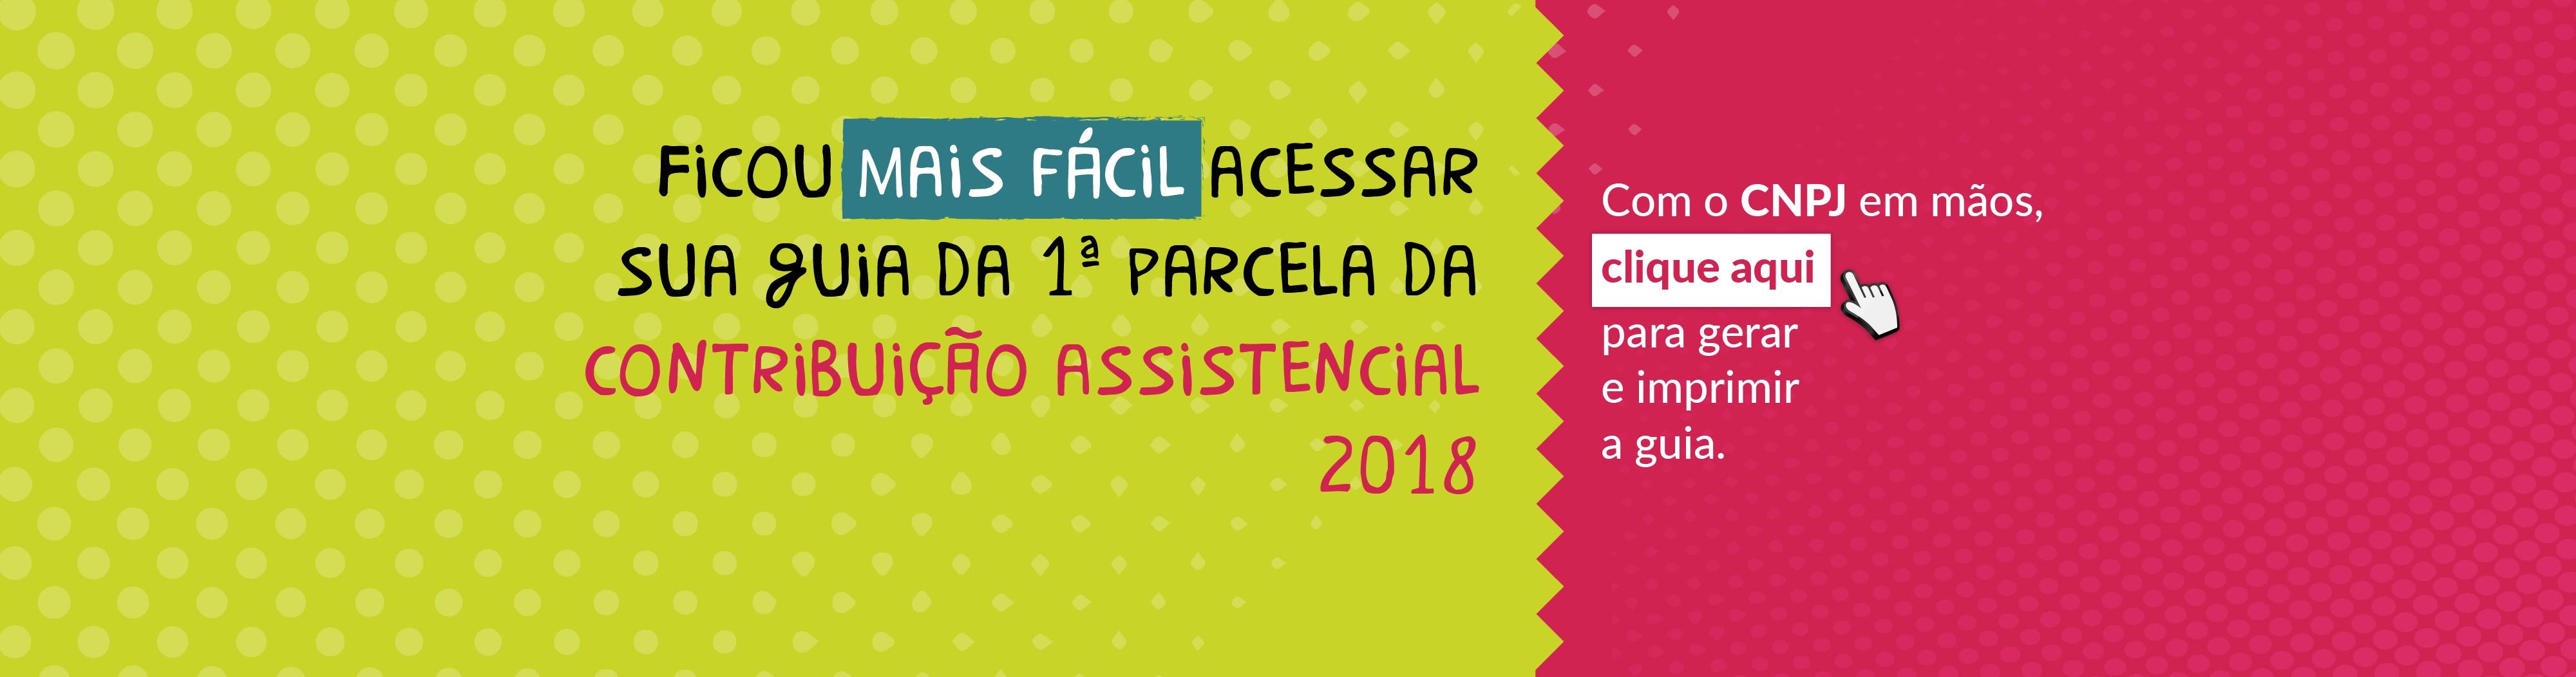 Acessar guia da primeira parcela da contribui§£o assistencial 2018